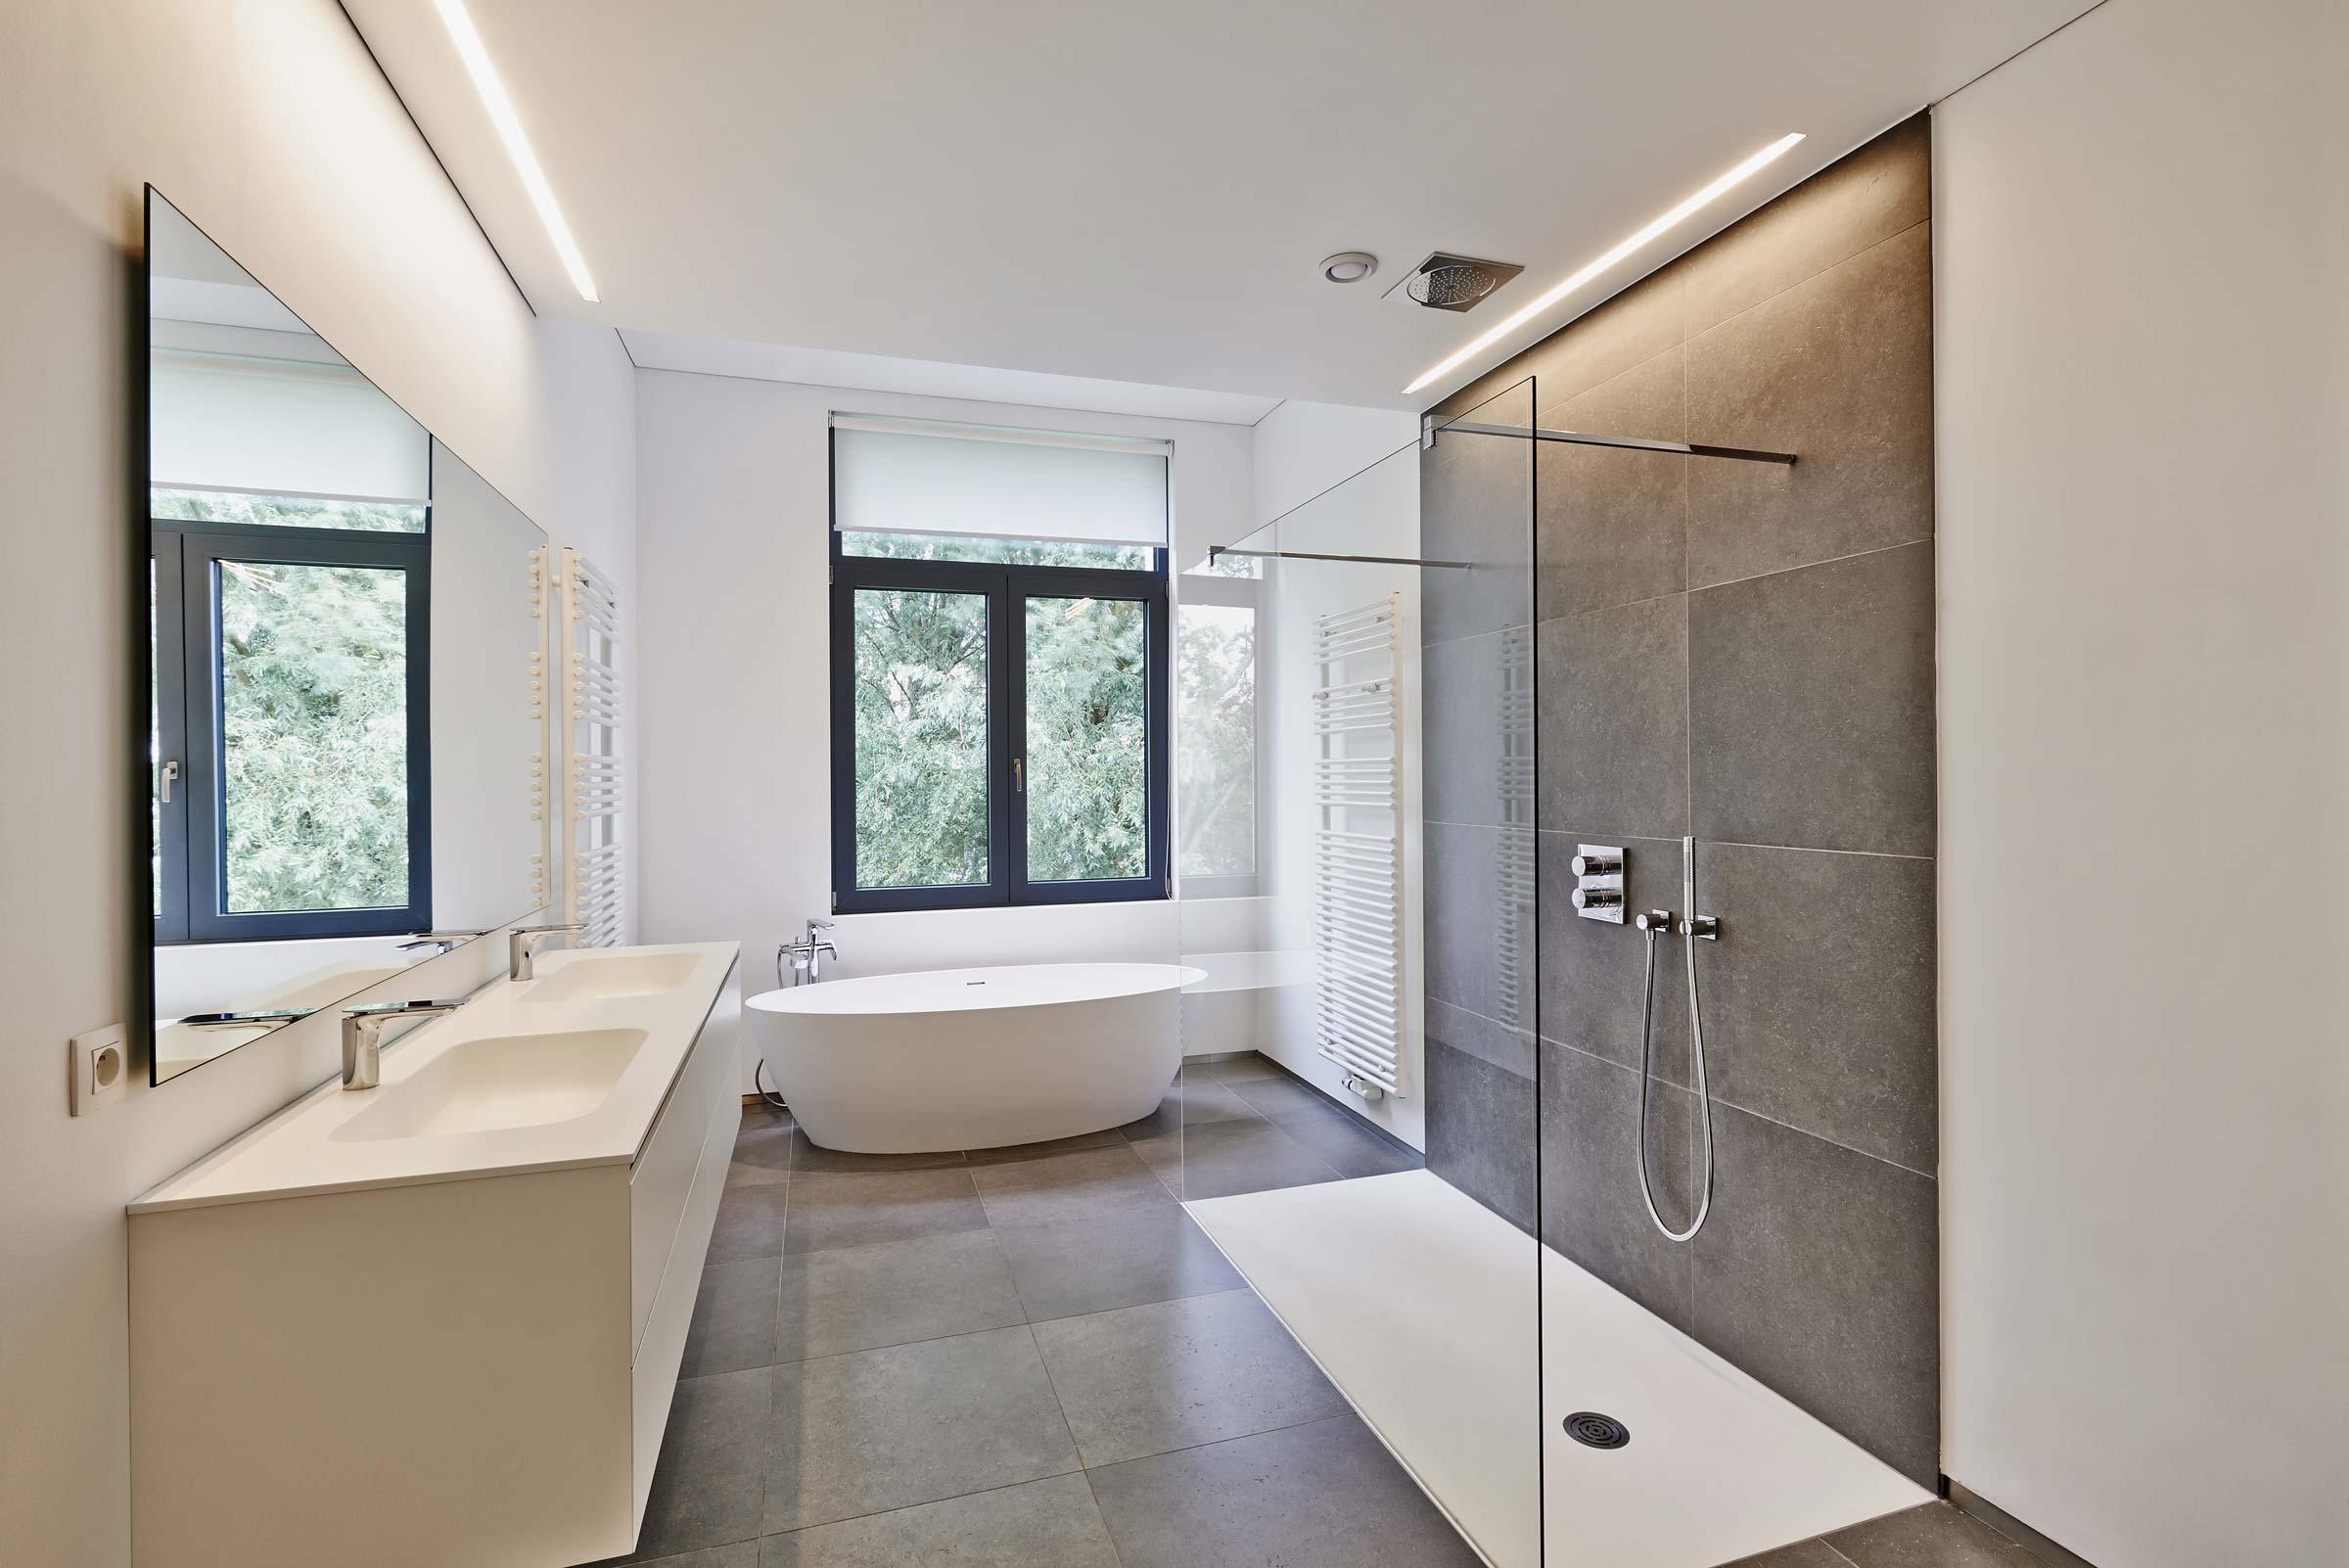 Modernes Badezimmer mit begehbarer Dusche und großem Waschbeckenschrank